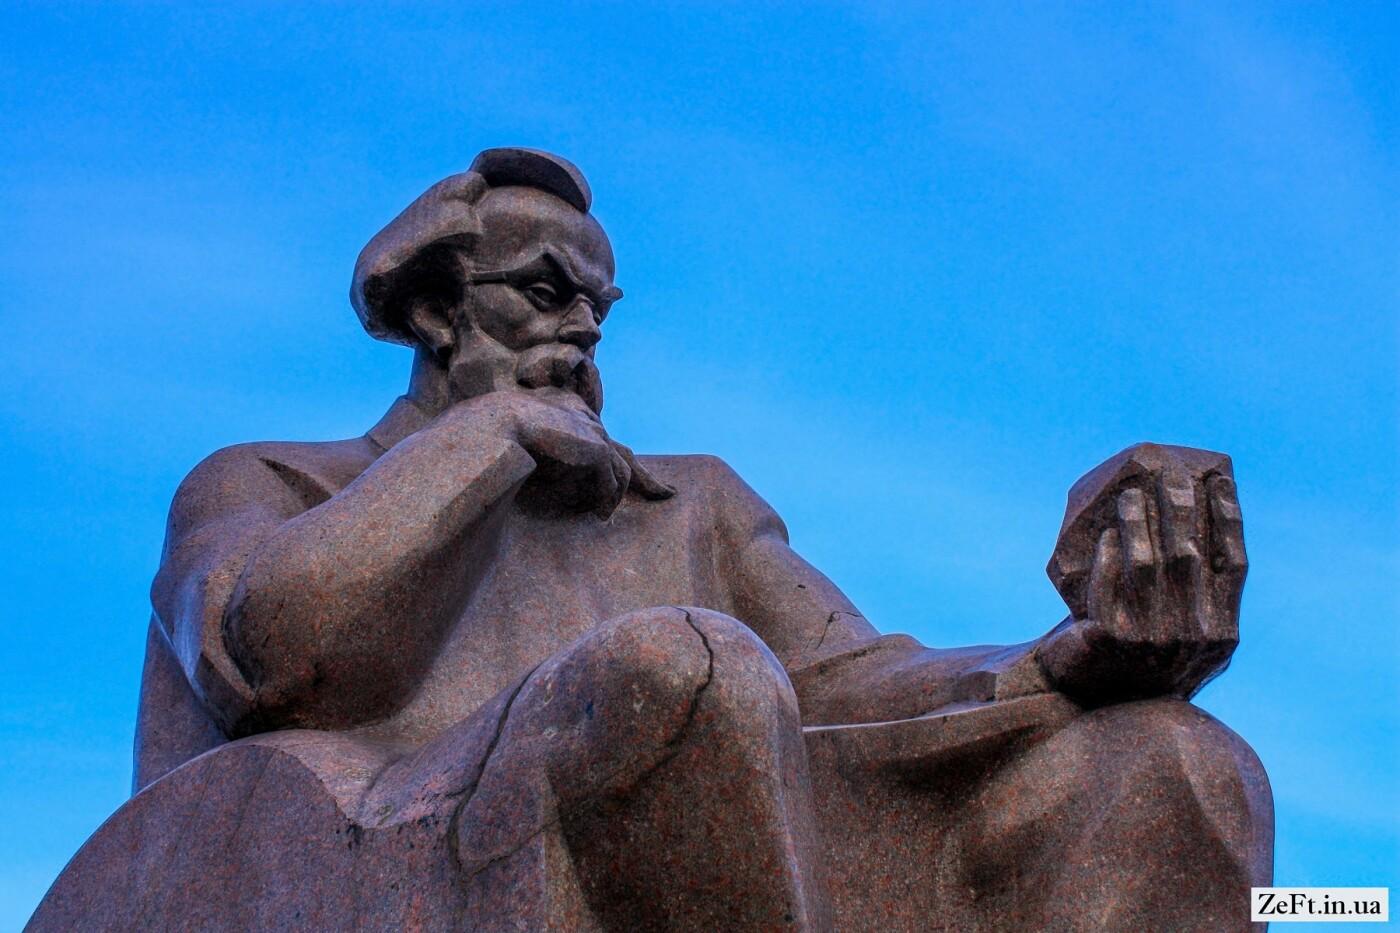 Памятник Владимиру Вернадскому в Киеве, Фото: Zeft